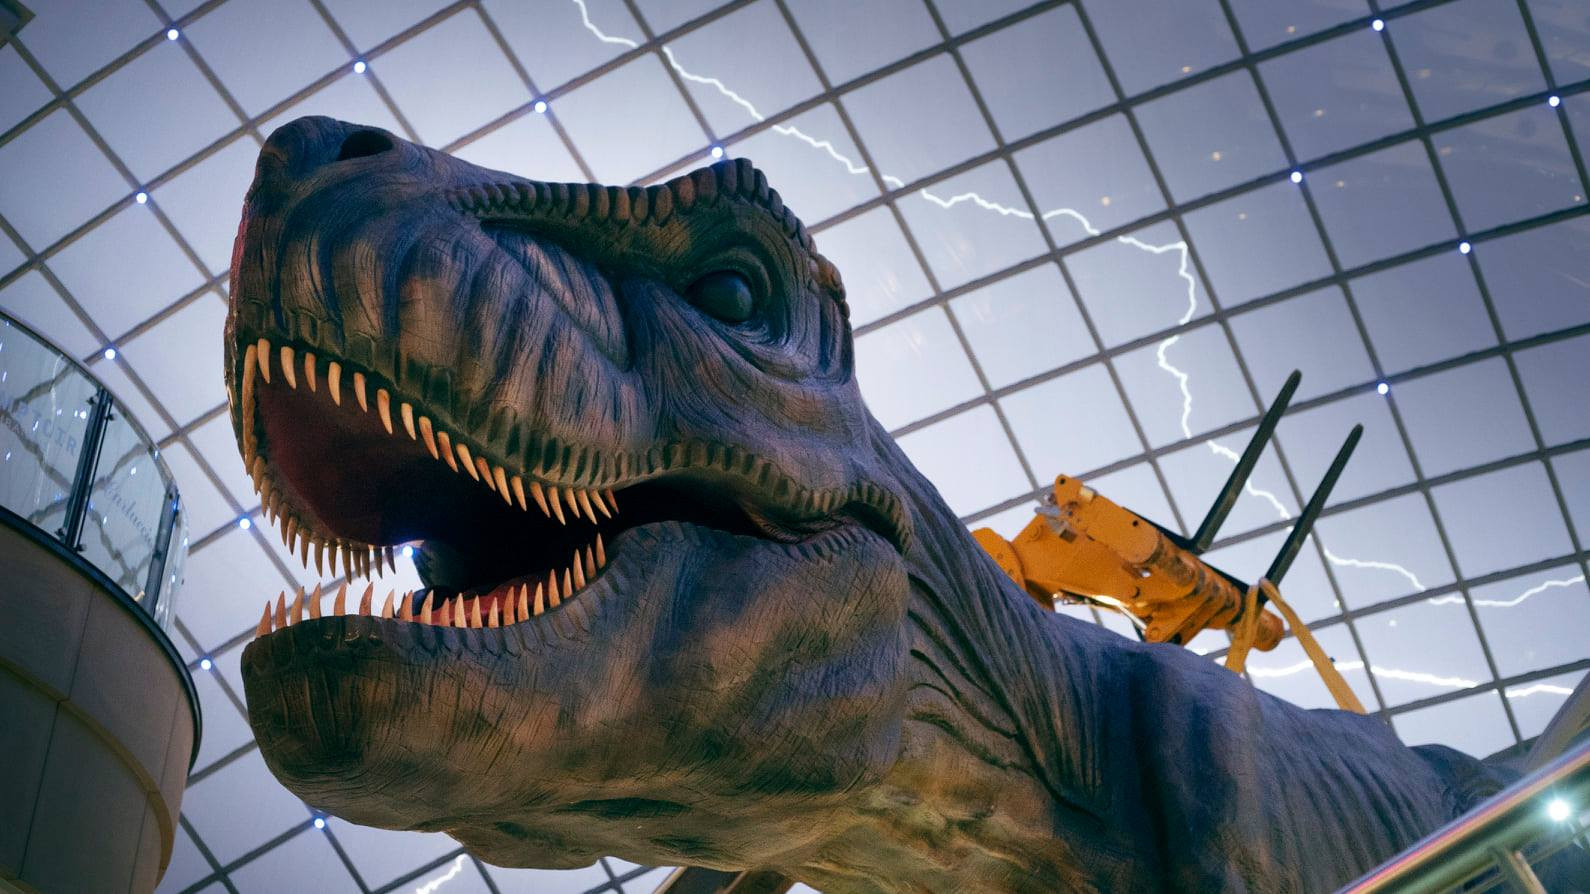 Installing Dinosaurs